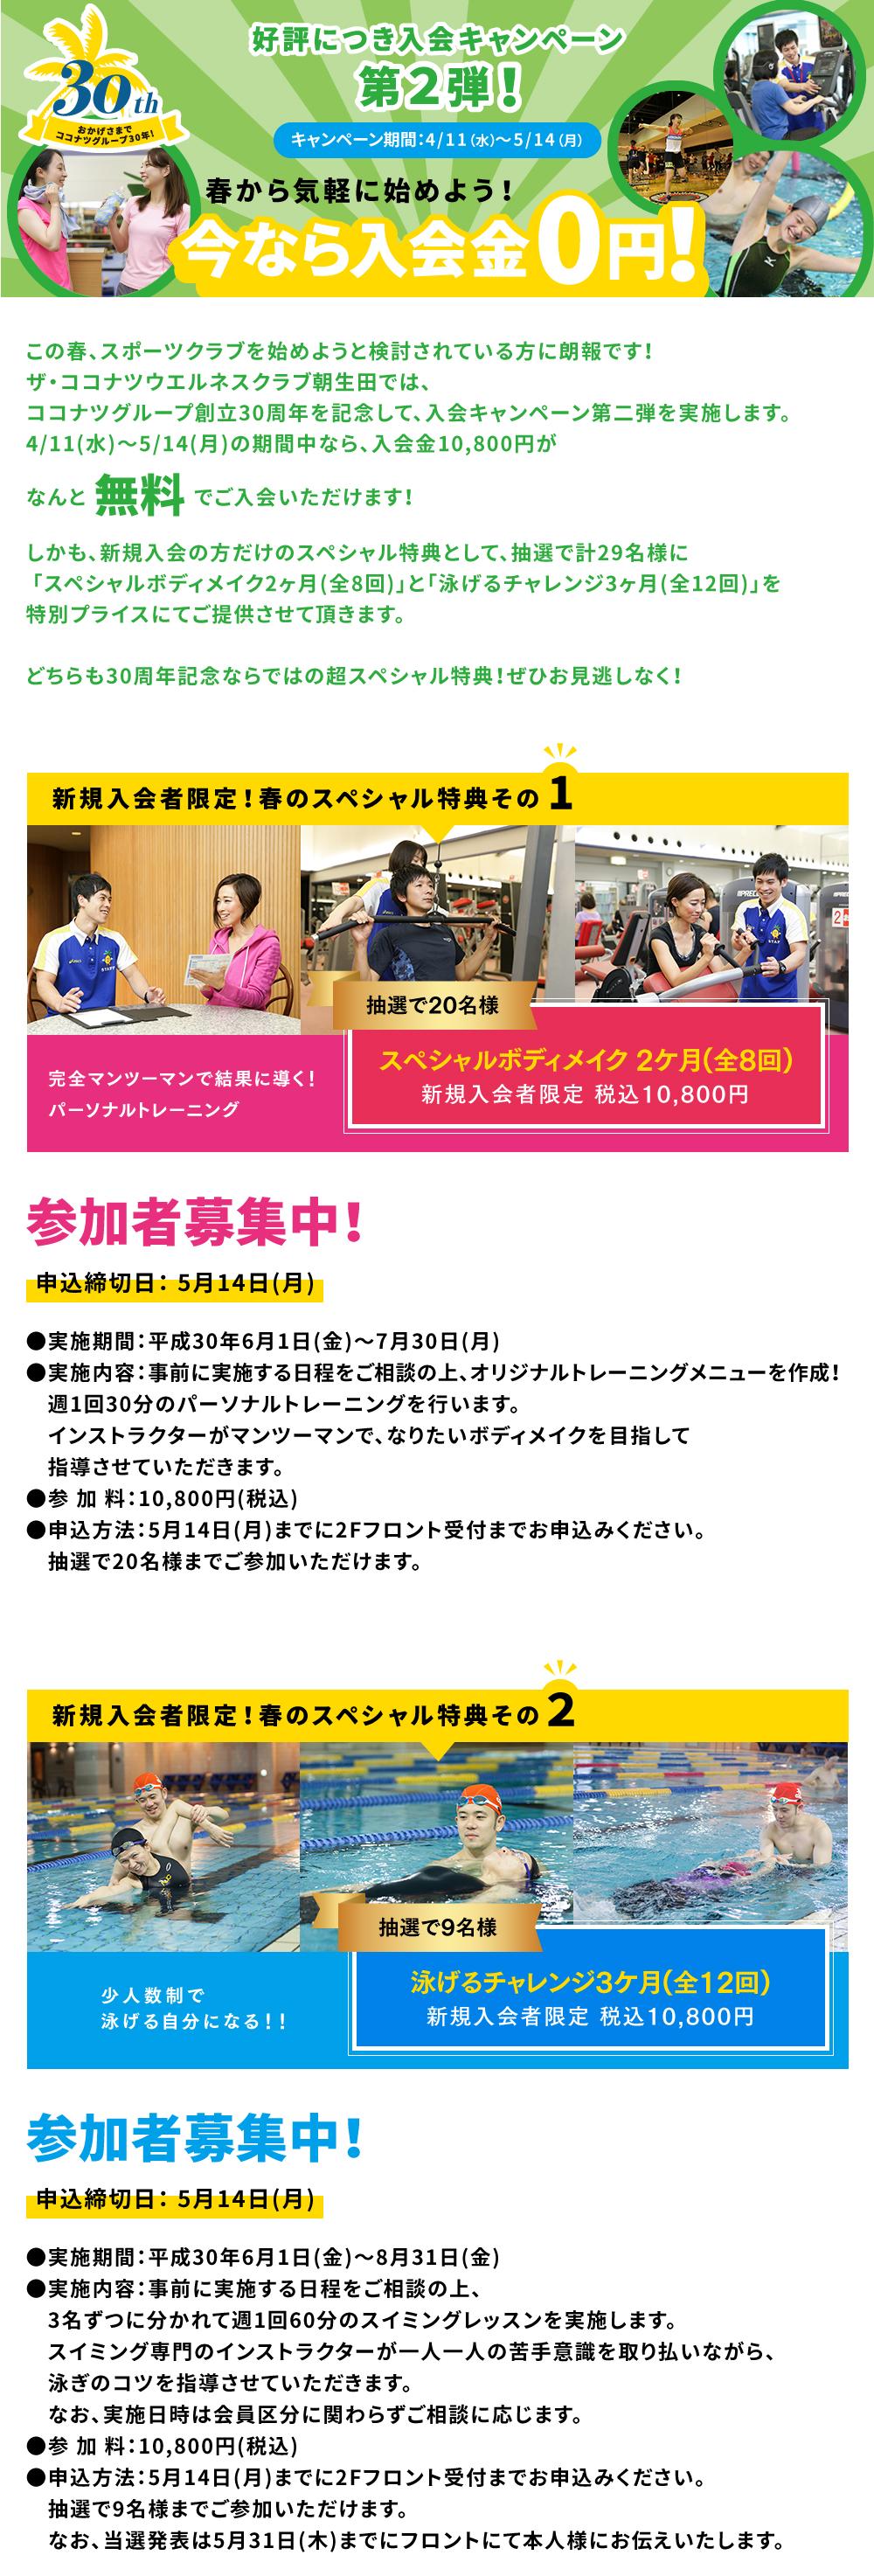 入会キャンペーン第2弾